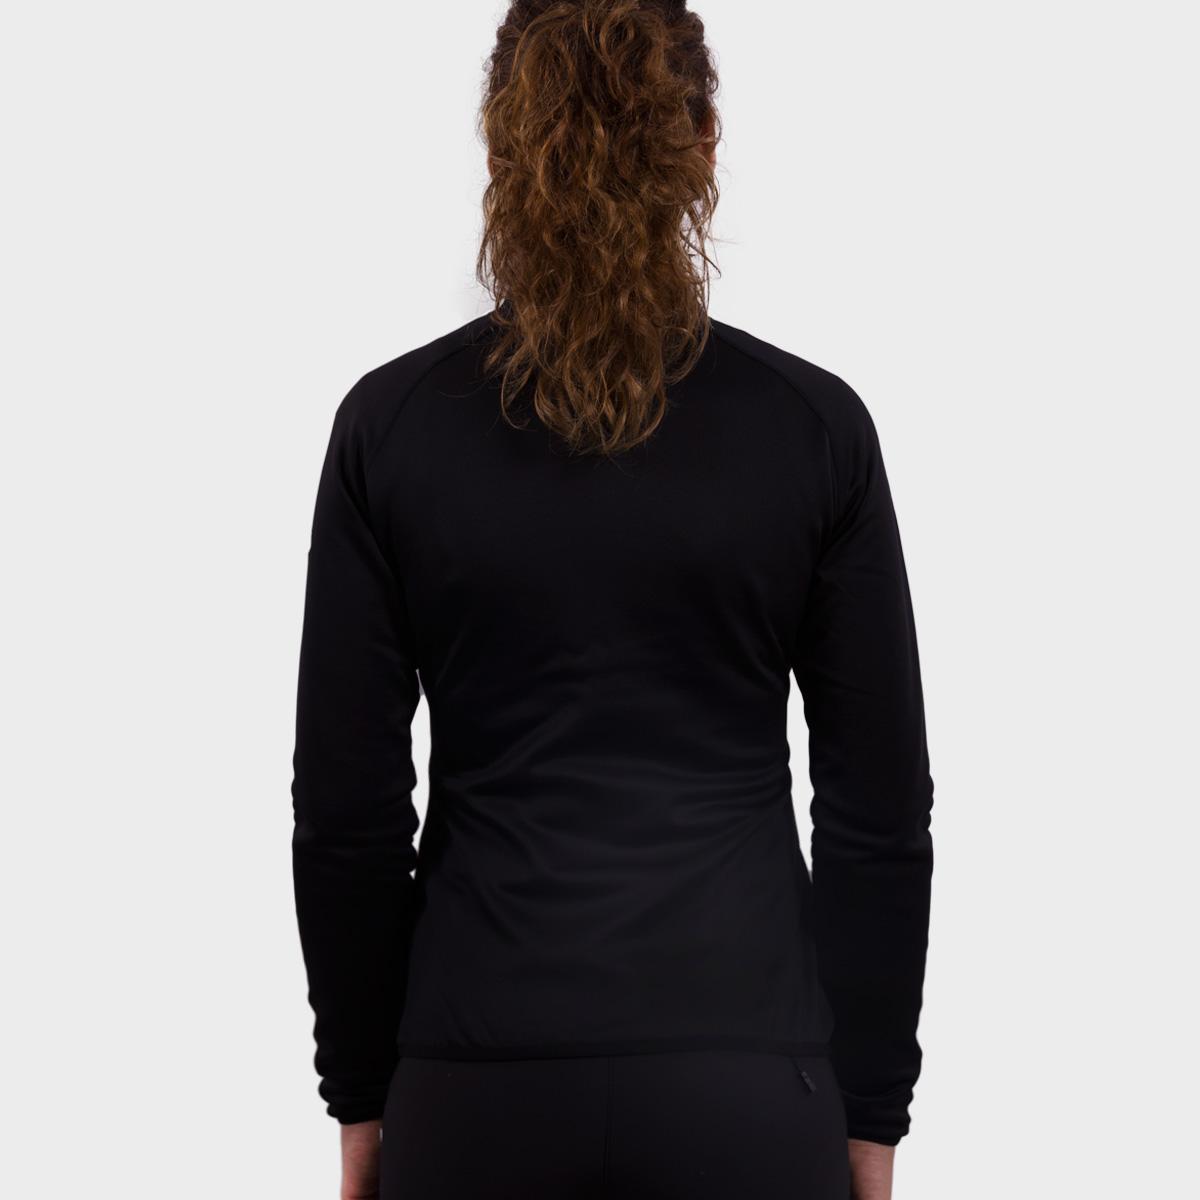 QUEVA BLACK/BLACK WOMAN'S